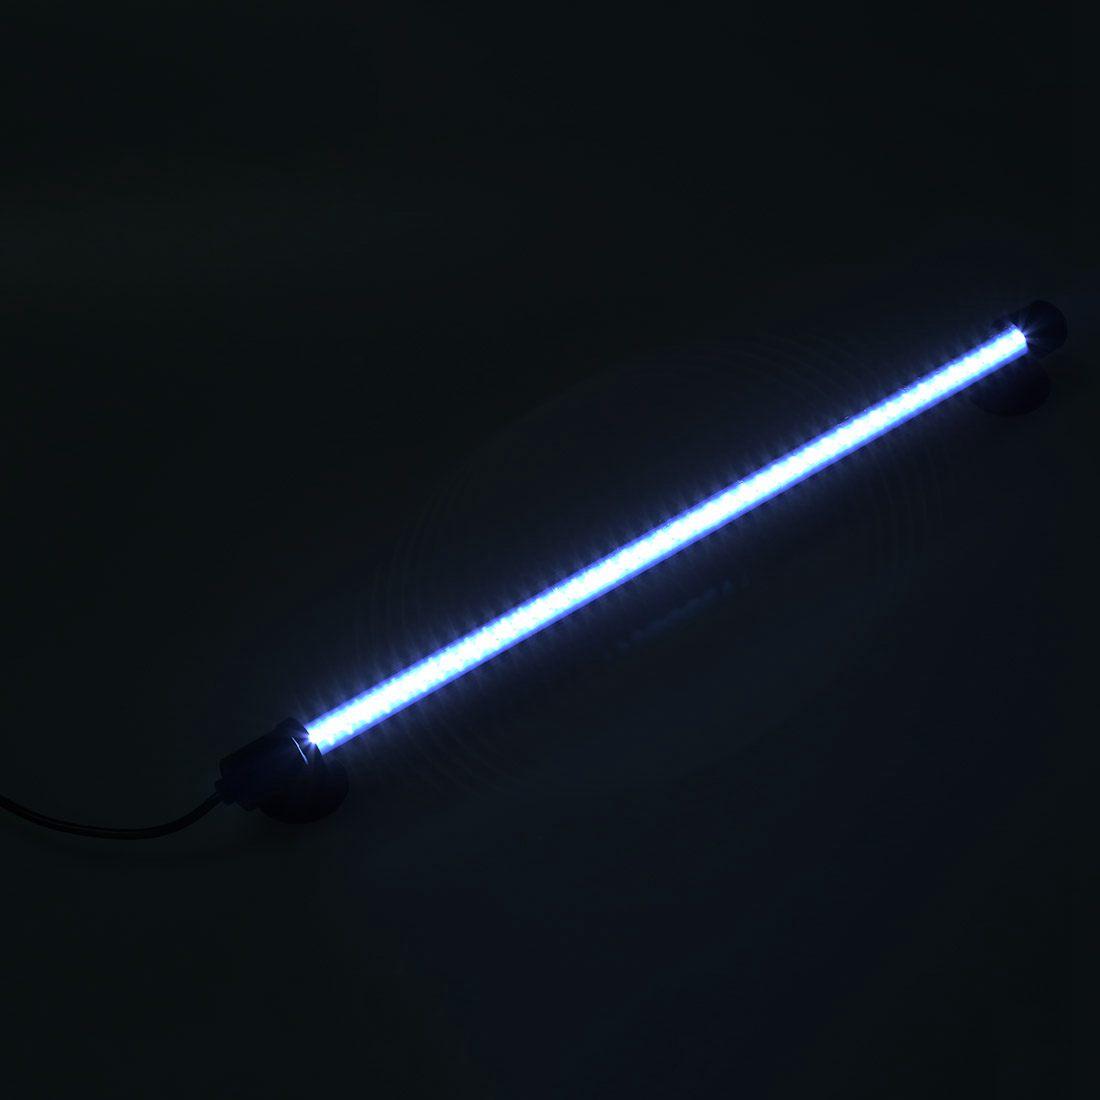 lampe rohr wasserdicht aquarium fisch 42 led beleuchtung weiss 2 5w 100 240 r6u1 ebay. Black Bedroom Furniture Sets. Home Design Ideas